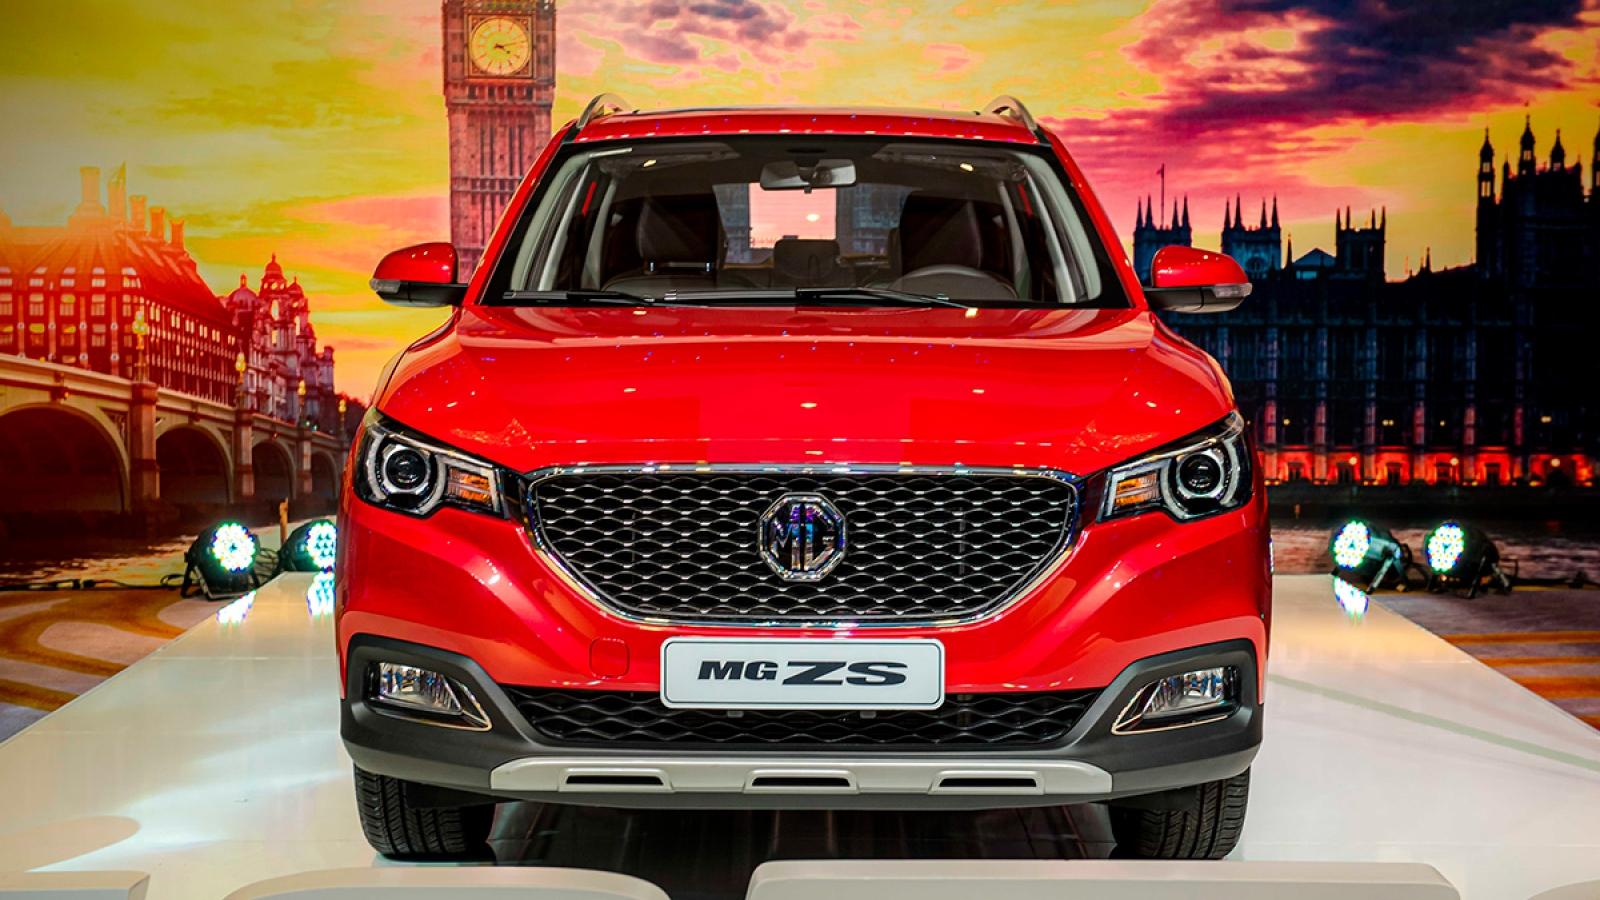 MG trở lại Việt Nam với hai mẫu SUV giá từ 518 triệu đồng